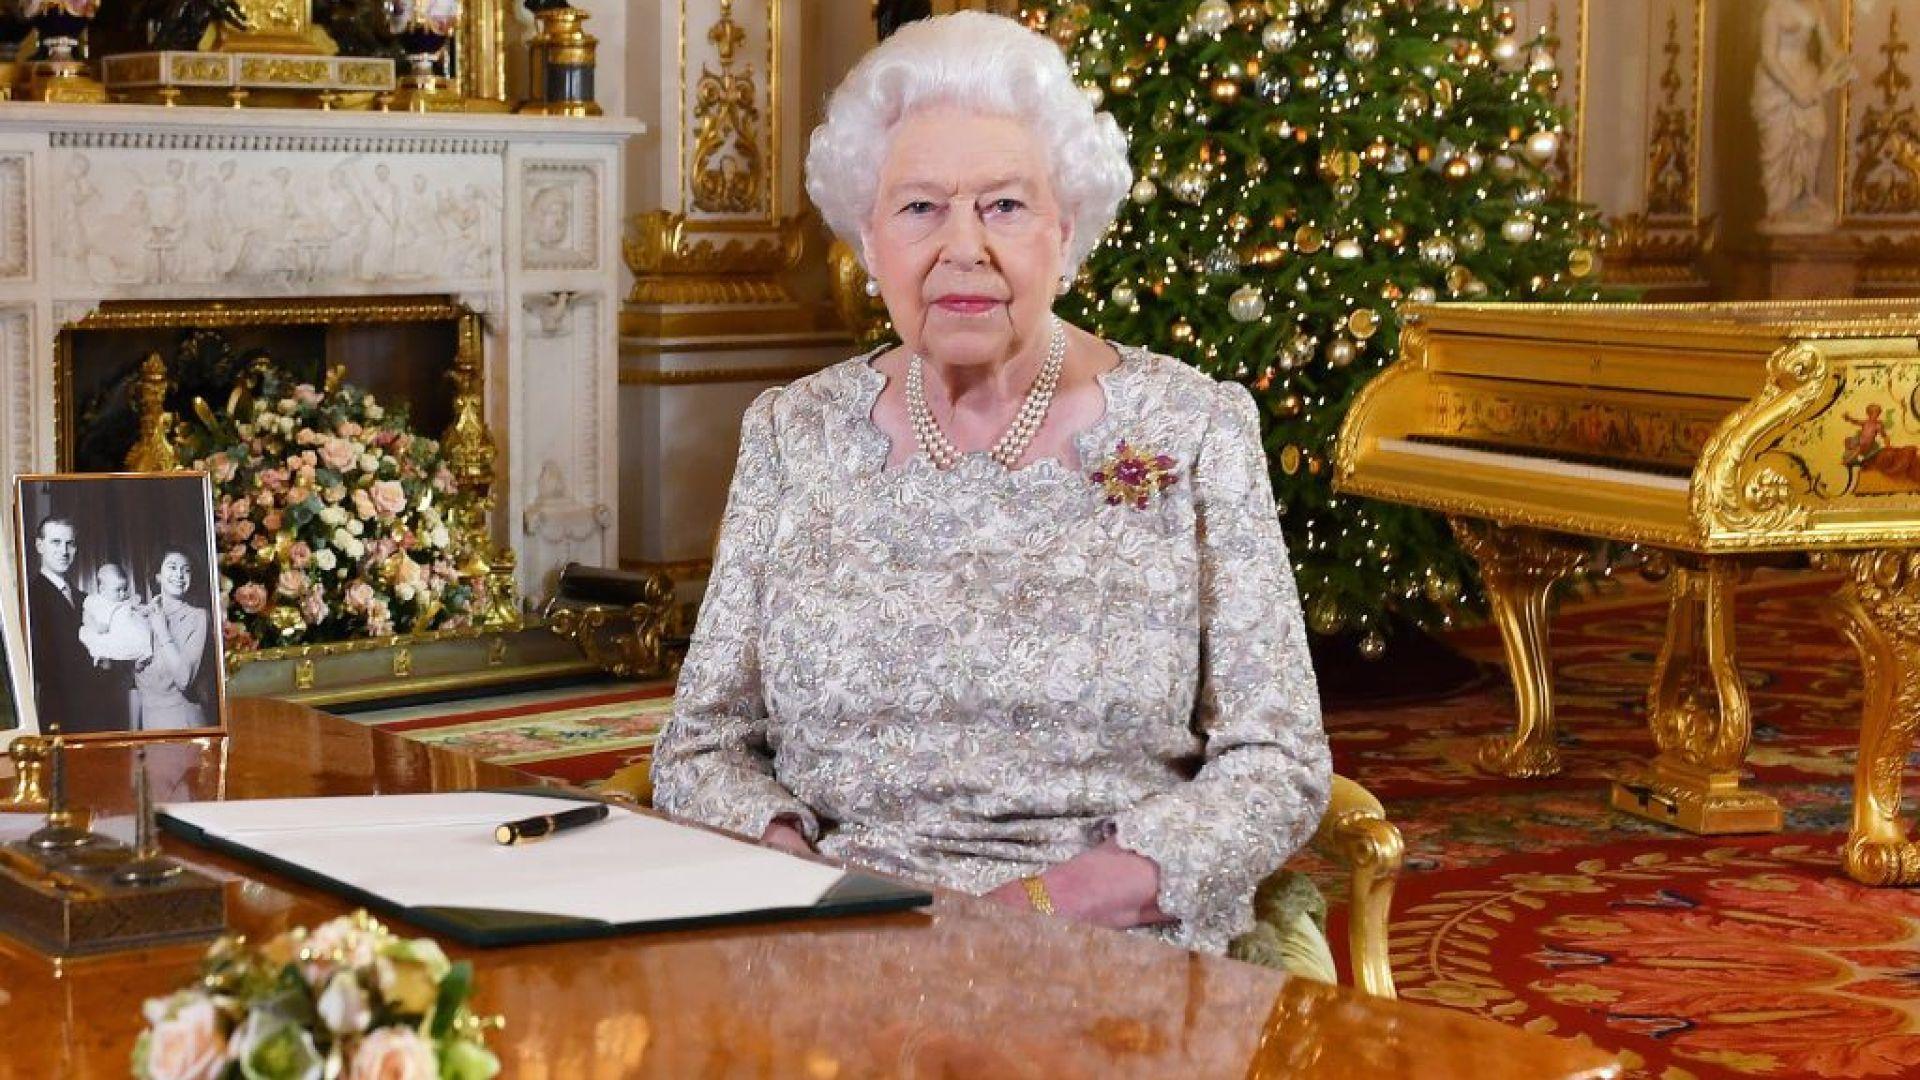 Кралица Елизабет II като малко момиче: видео по случай 94-тия ѝ рожден ден